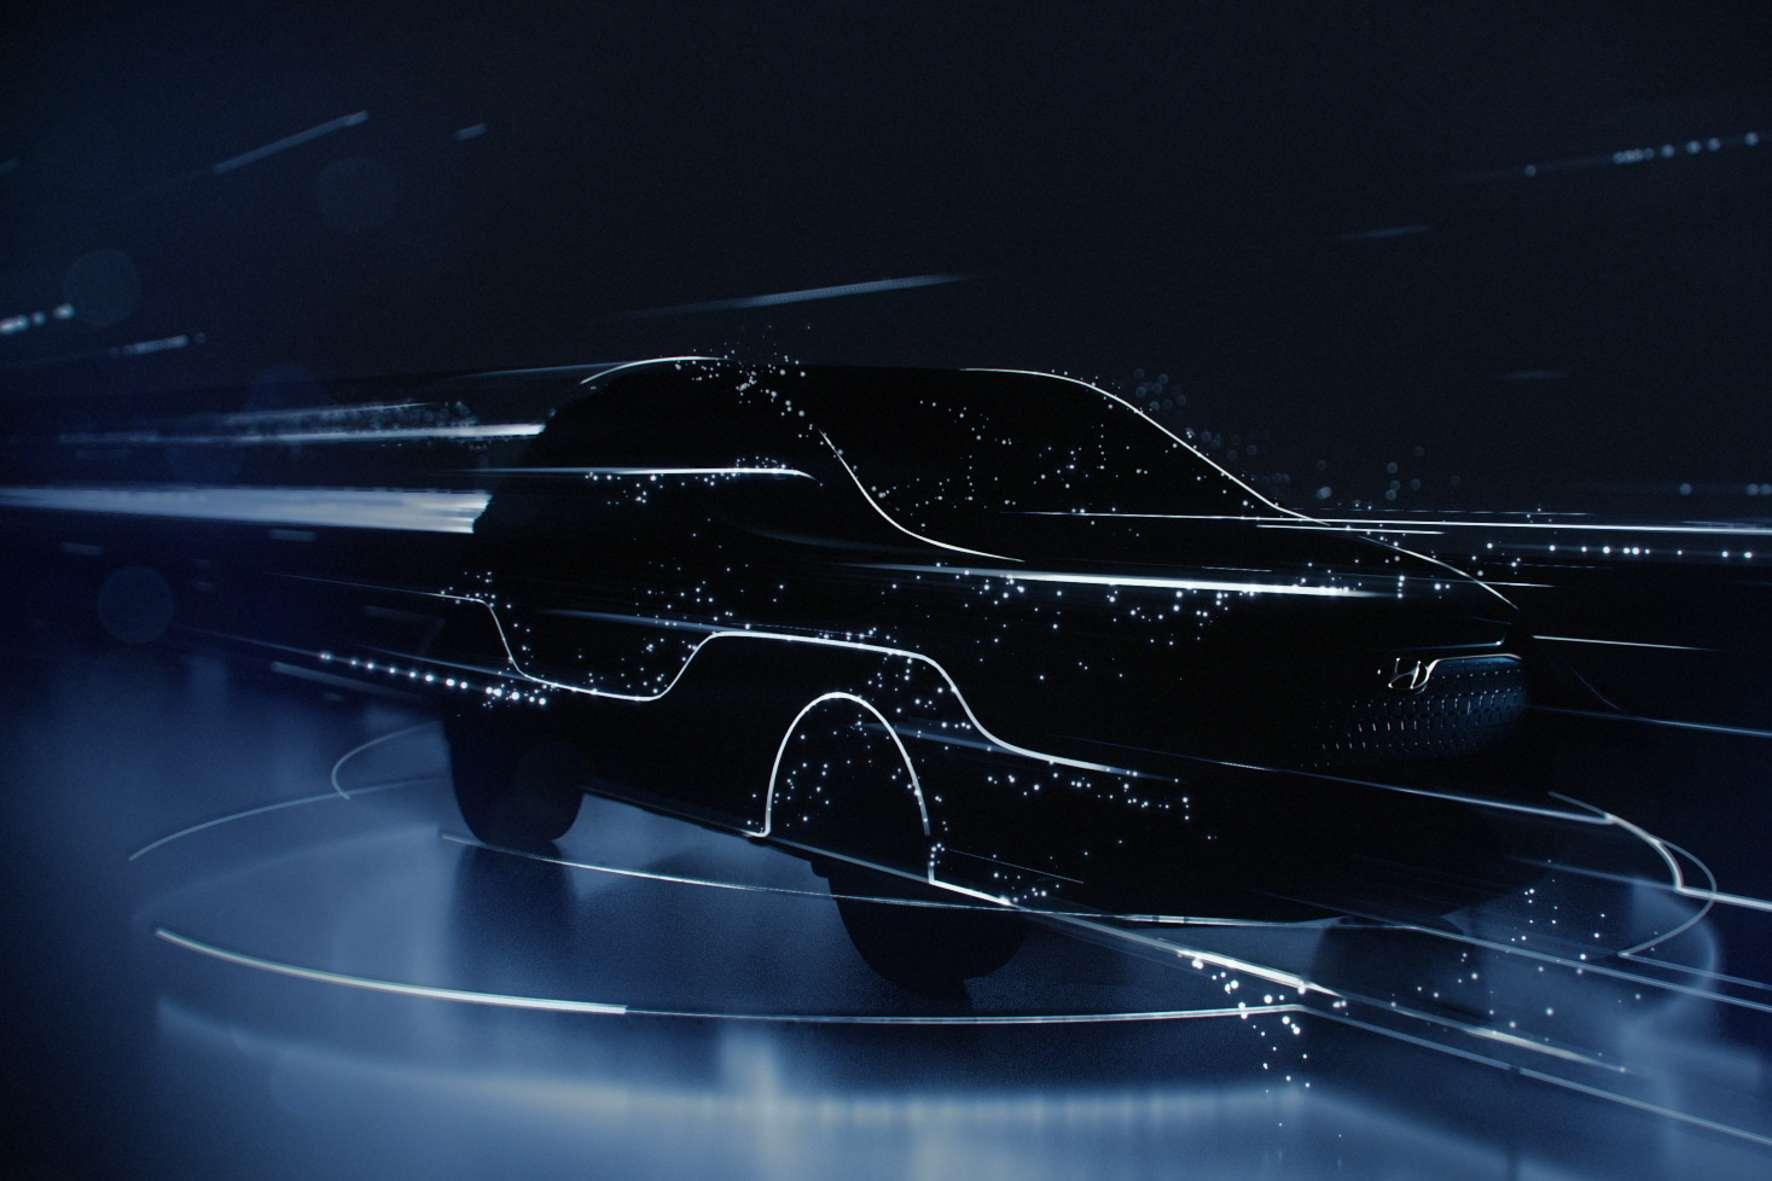 Den Kona Elektrik zeigt Hyundai erst in Genf ohne künstlerische Verfremdungen. © Hyundai /TRDmobil